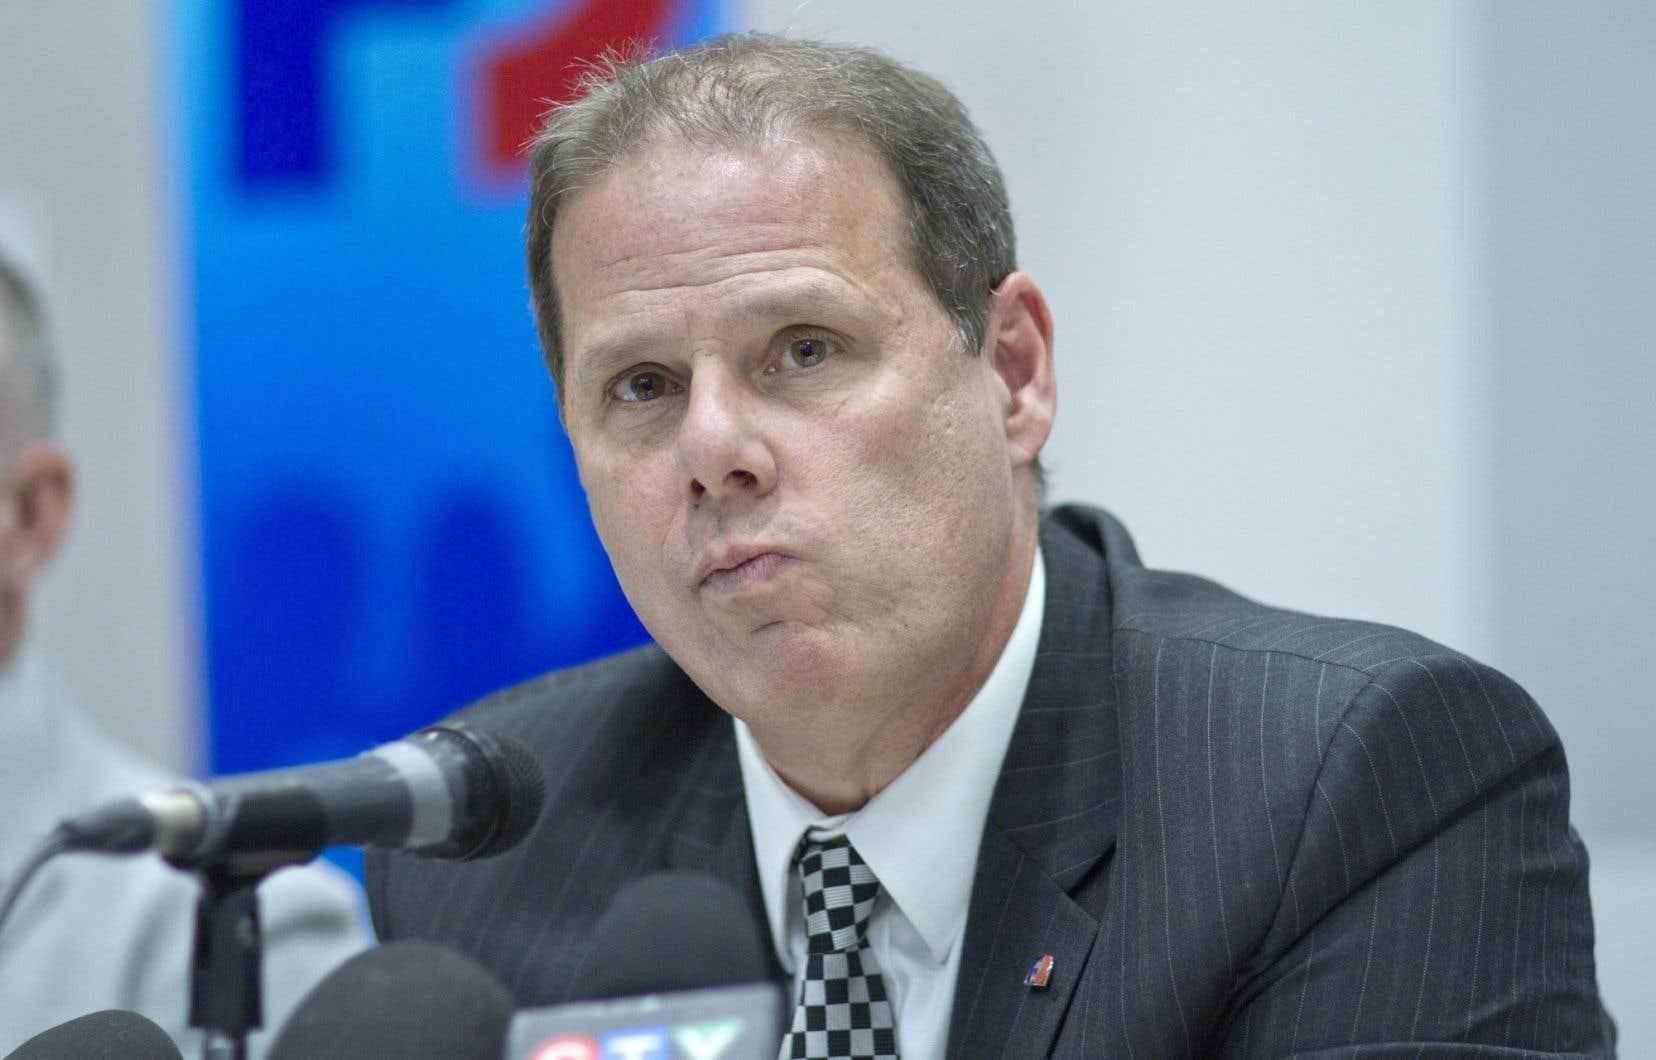 Yves Francoeur a déclaré que des procureurs aux poursuites criminelles et pénales n'ont pu porter d'accusations de fraude et de trafic d'influence contre deux élus libéraux.